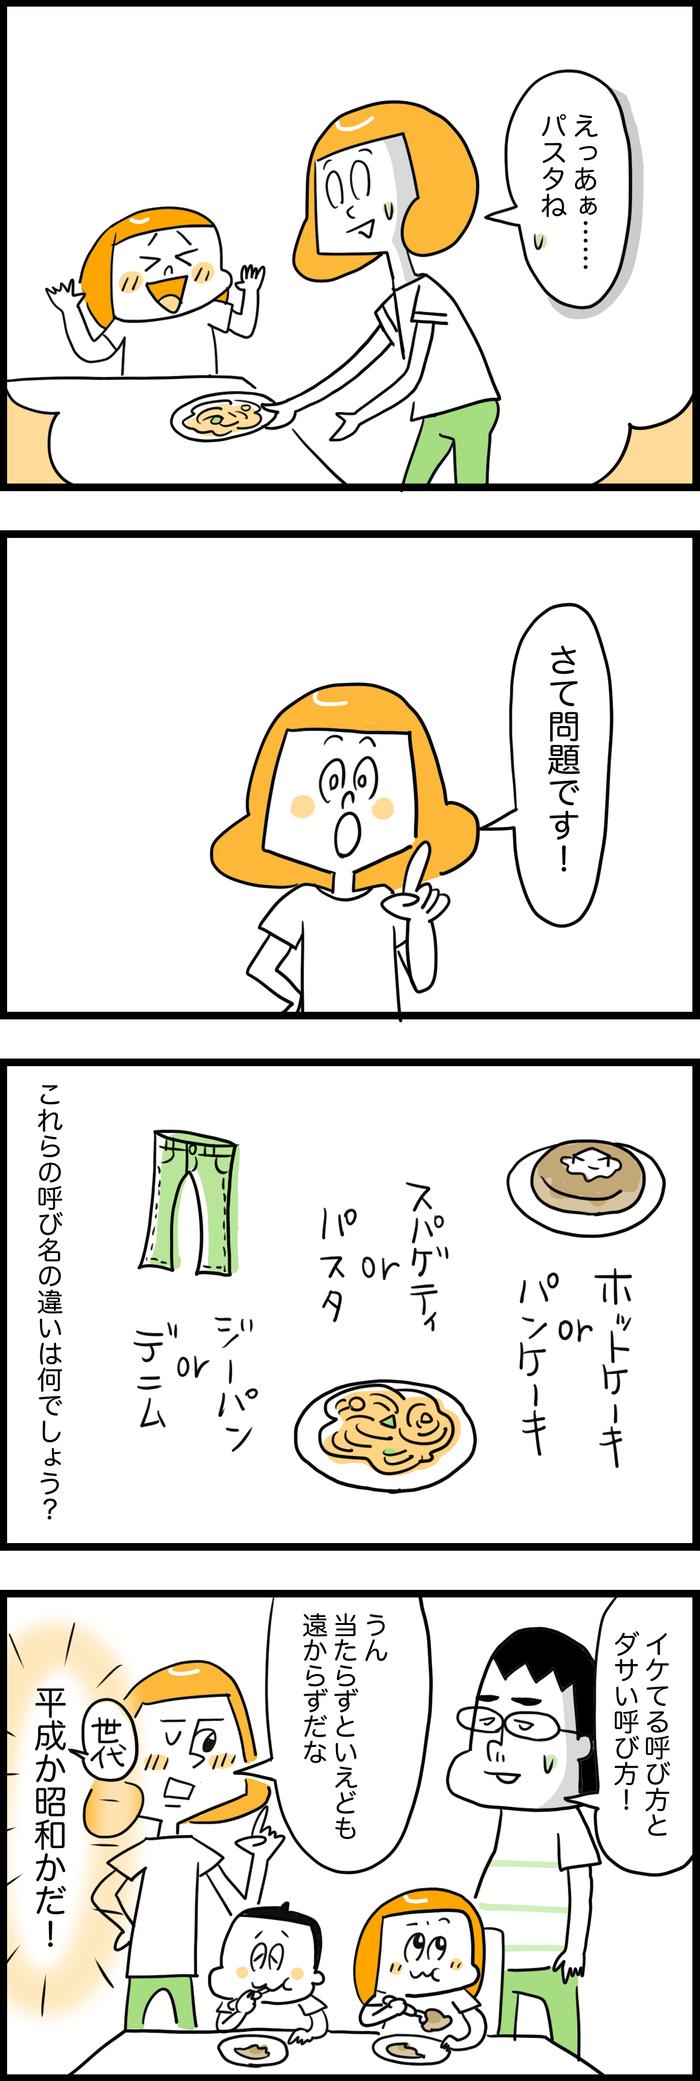 「ホットケーキ」って言わないの!?ふとした瞬間に感じる親子間ジェネレーションギャップの画像3